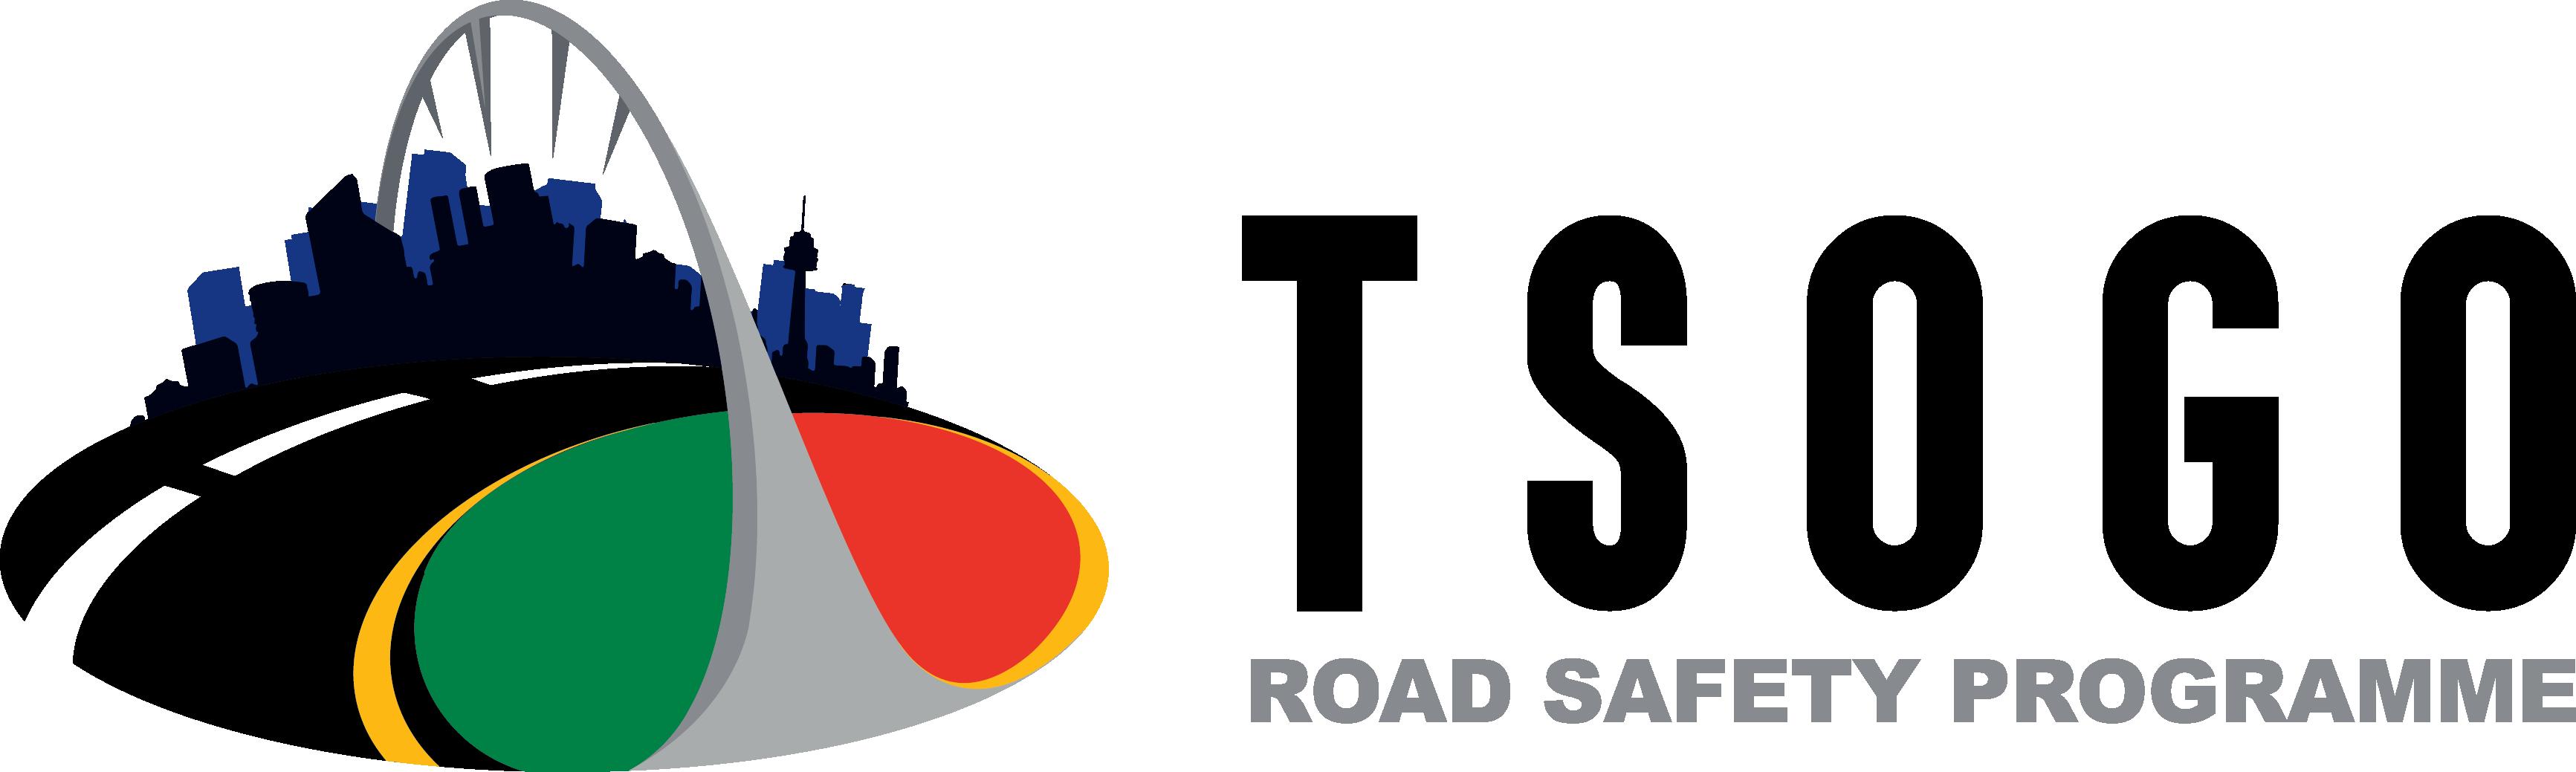 Tsogo Road Safety Programme